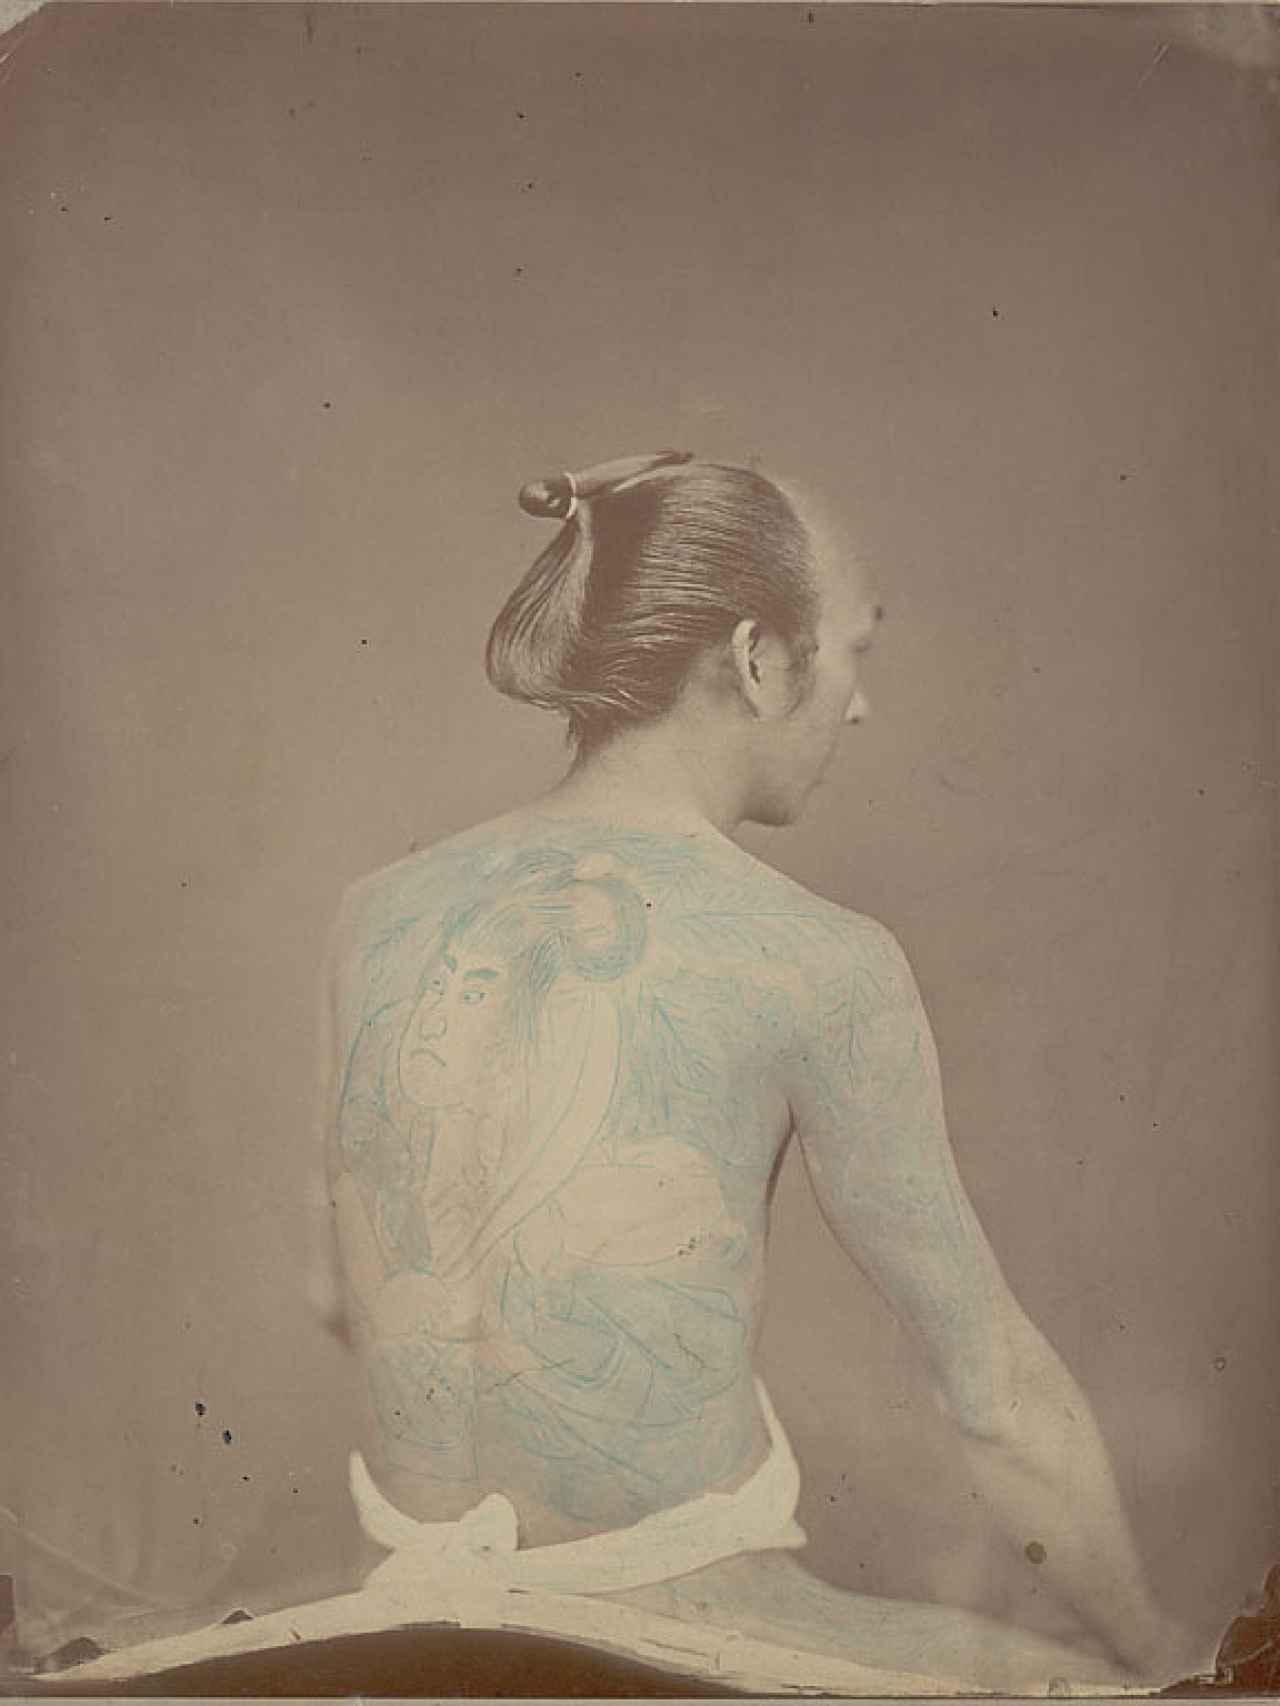 Retrato de betto (novio) tatuado, sin fecha.